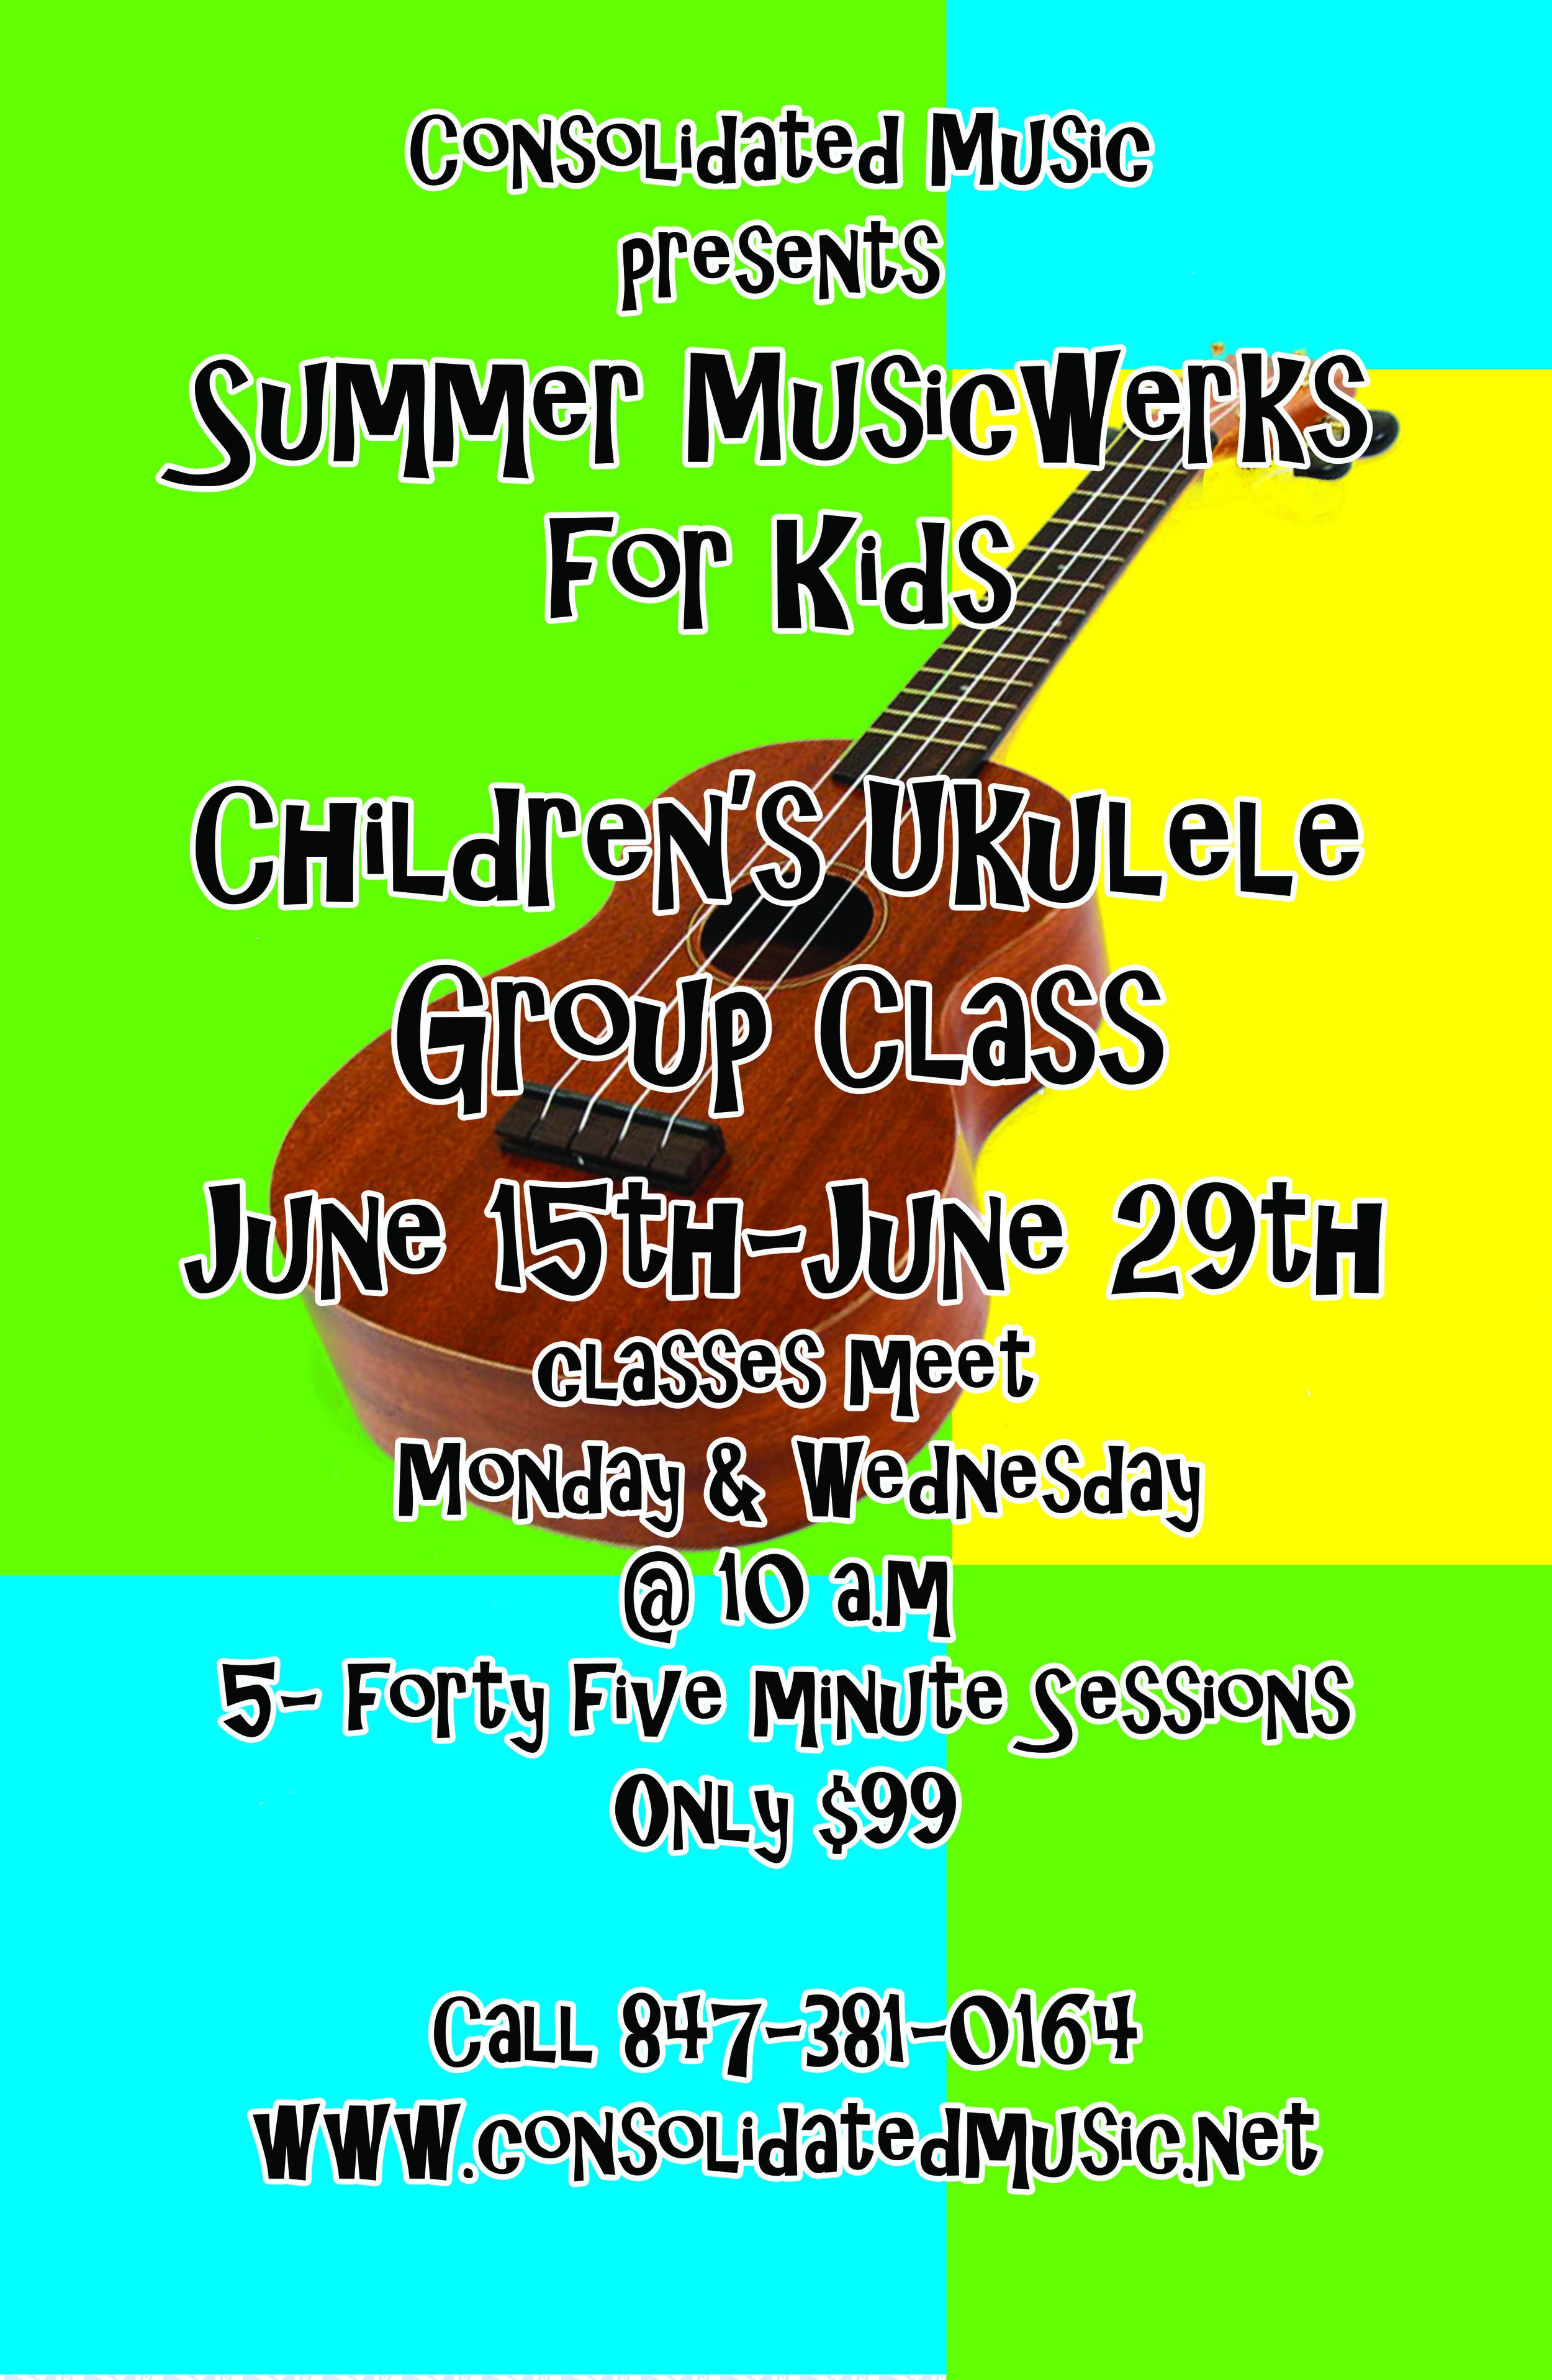 ChildrensUkeClass